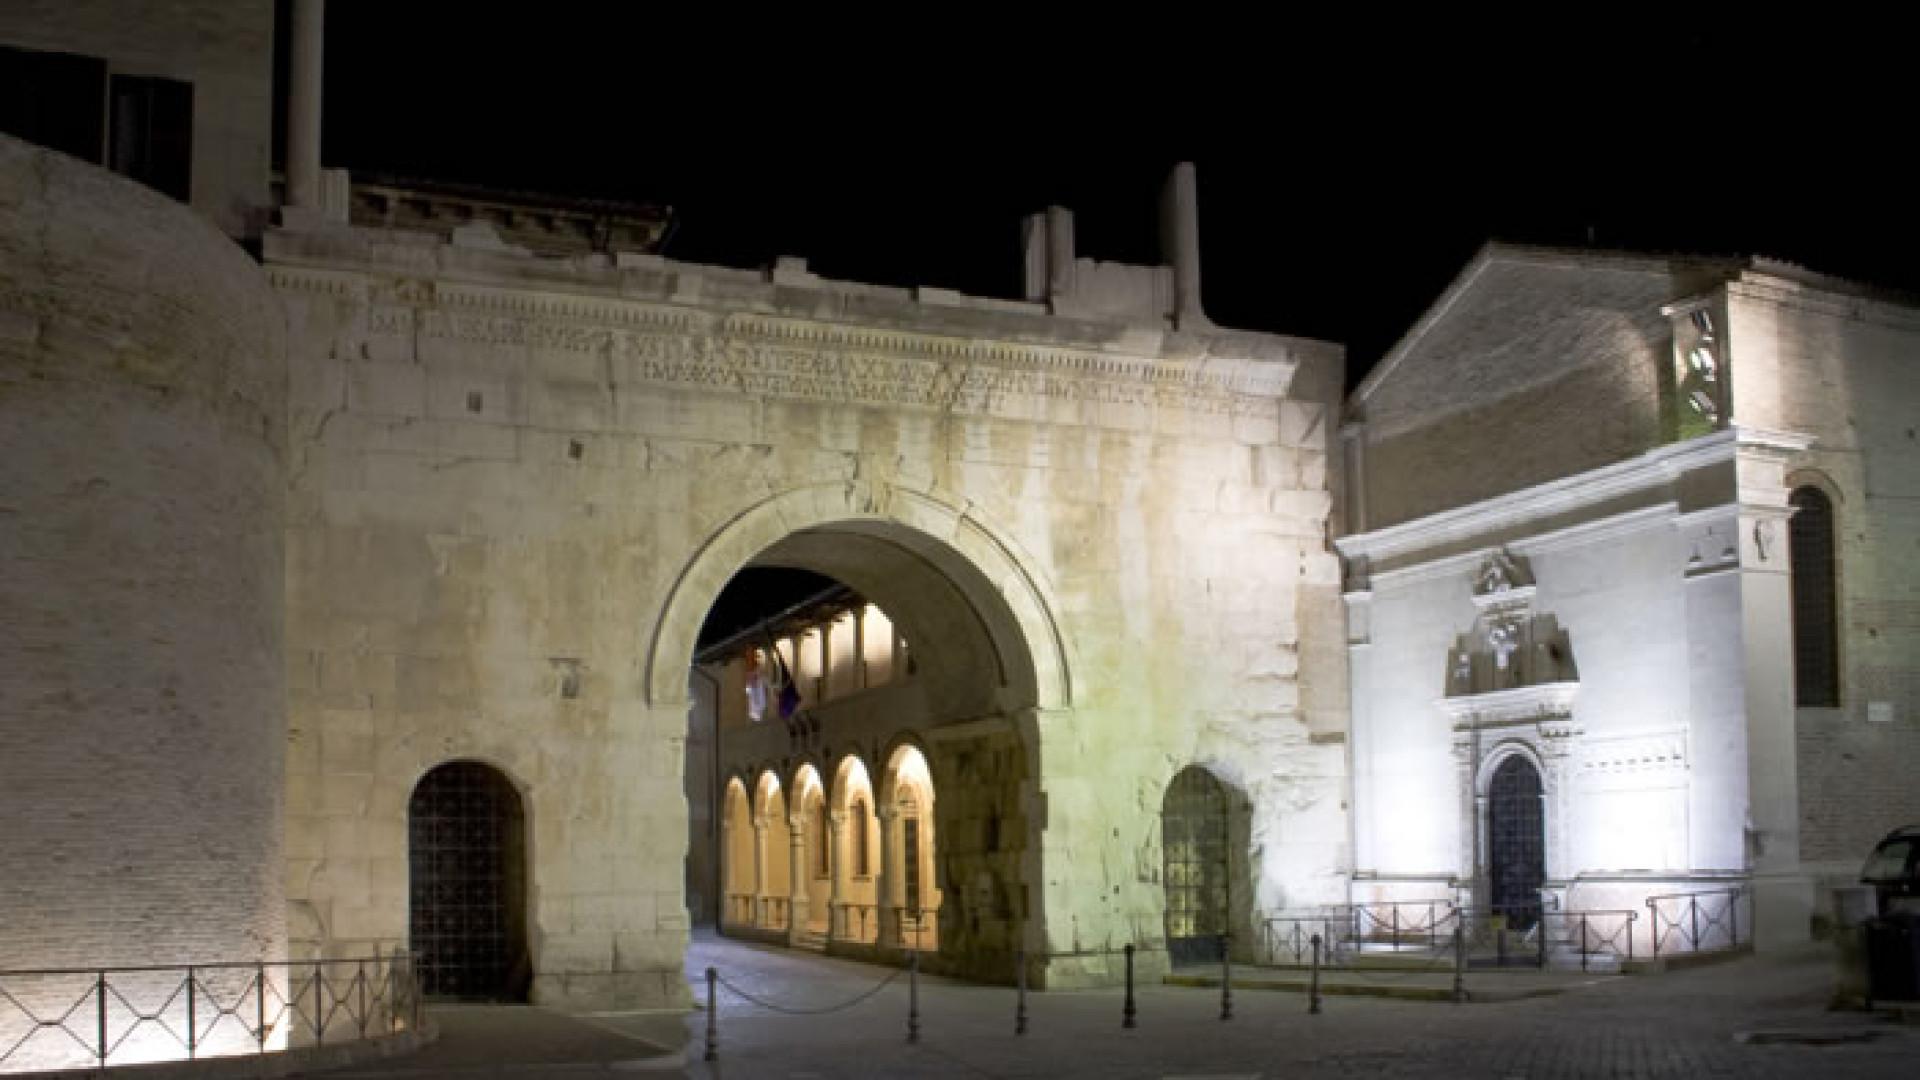 Cidade italiana evacuada devido a bomba da Segunda Guerra Mundial